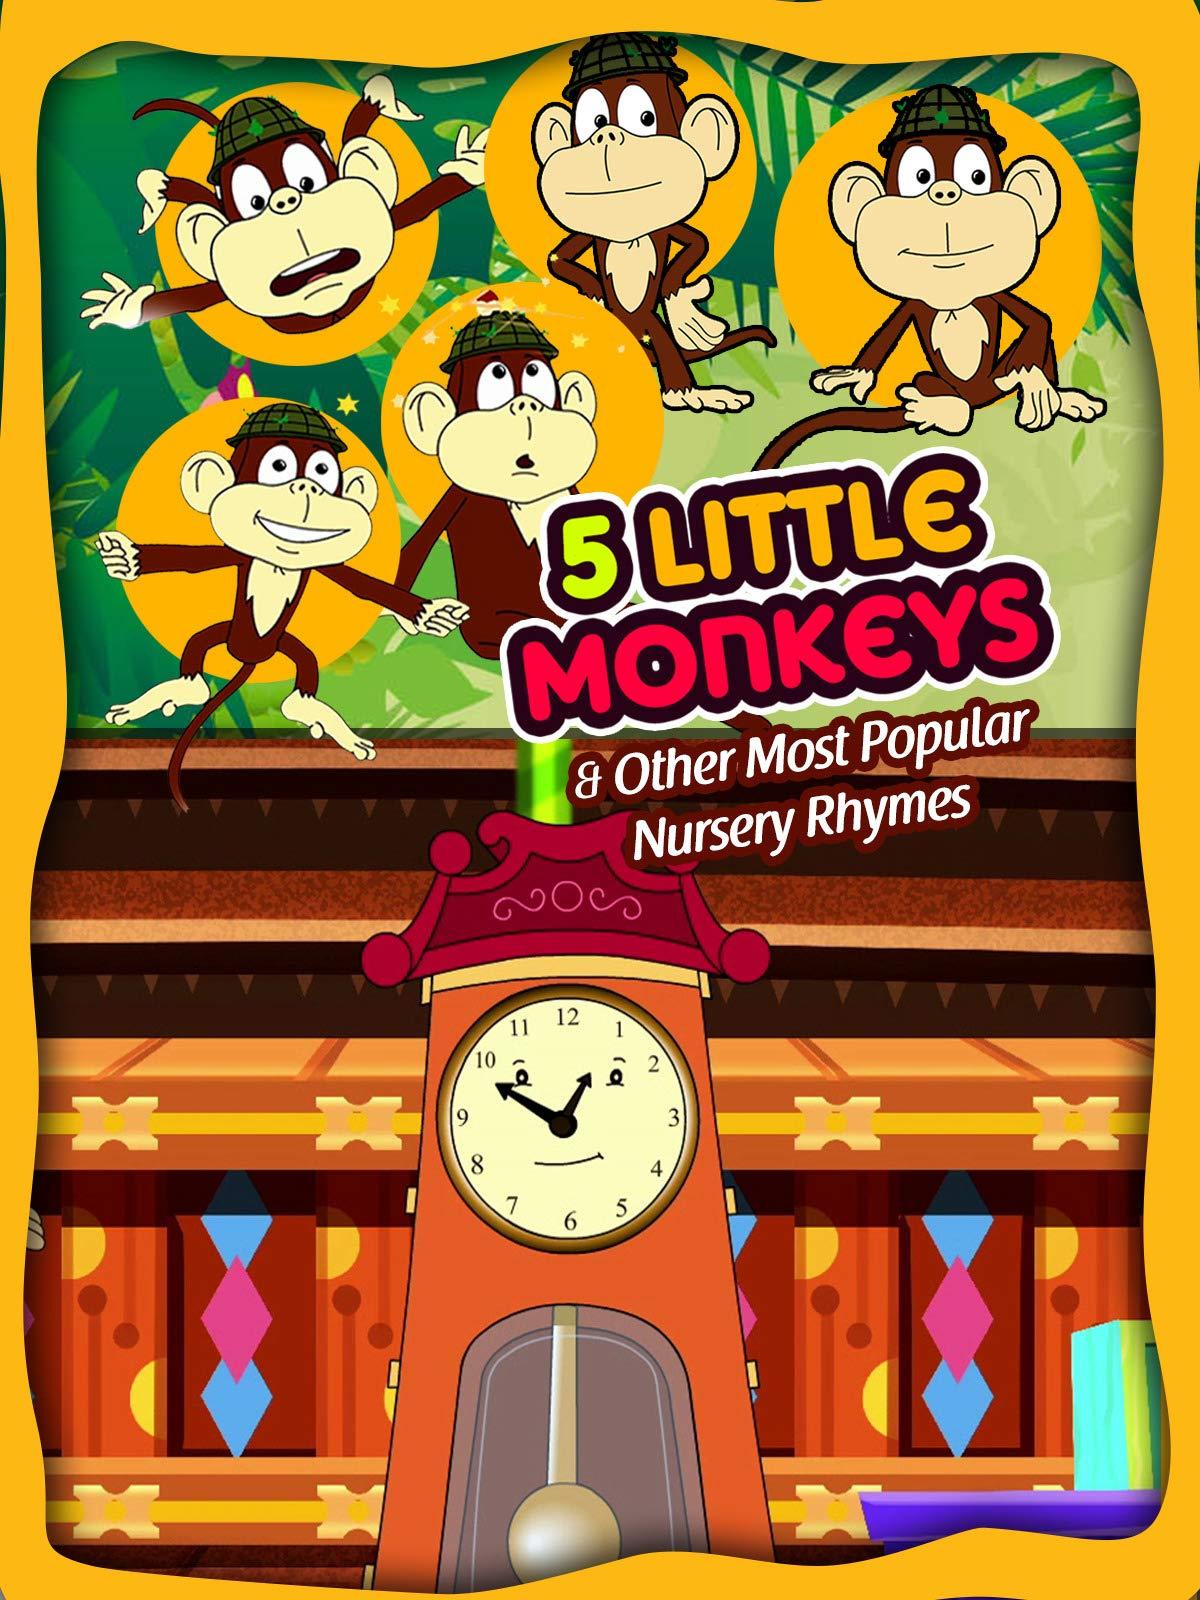 5 little Monkeys & Other Most Popular Nursery Rhymes (HD) Shemaroo Kids